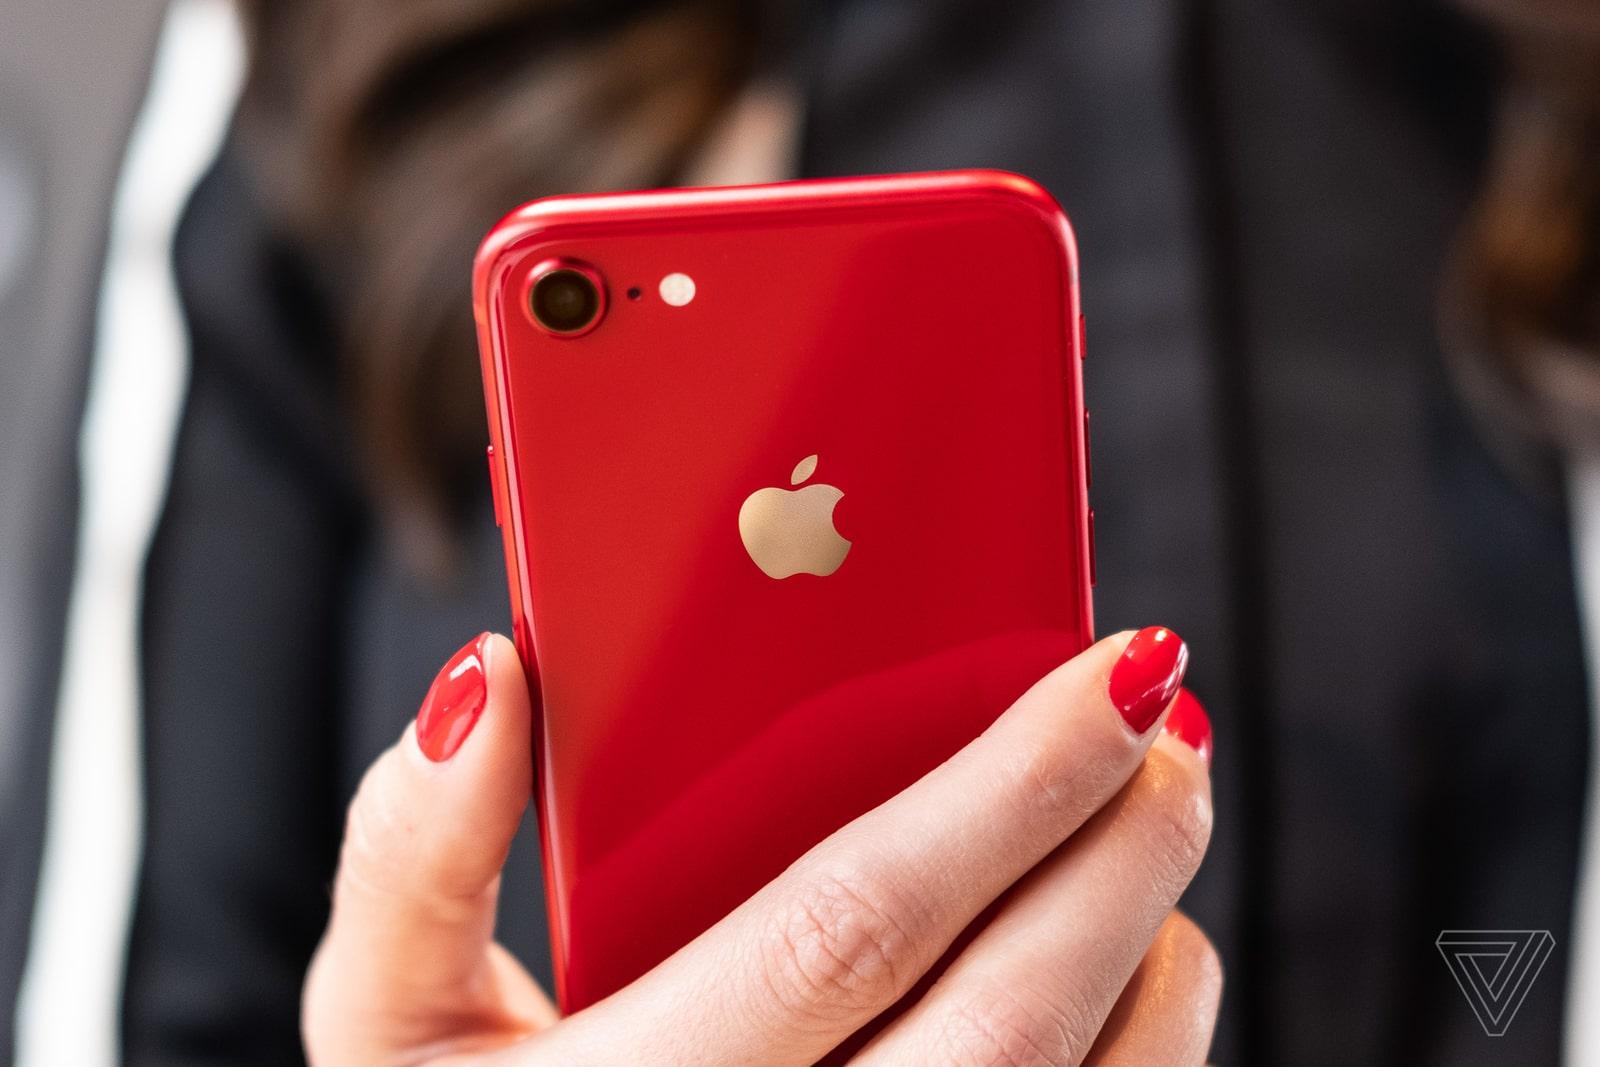 iPhone SE thế hệ tiếp theo: vỏ iPhone 8, sức mạnh xử lý tương đương iPhone 11